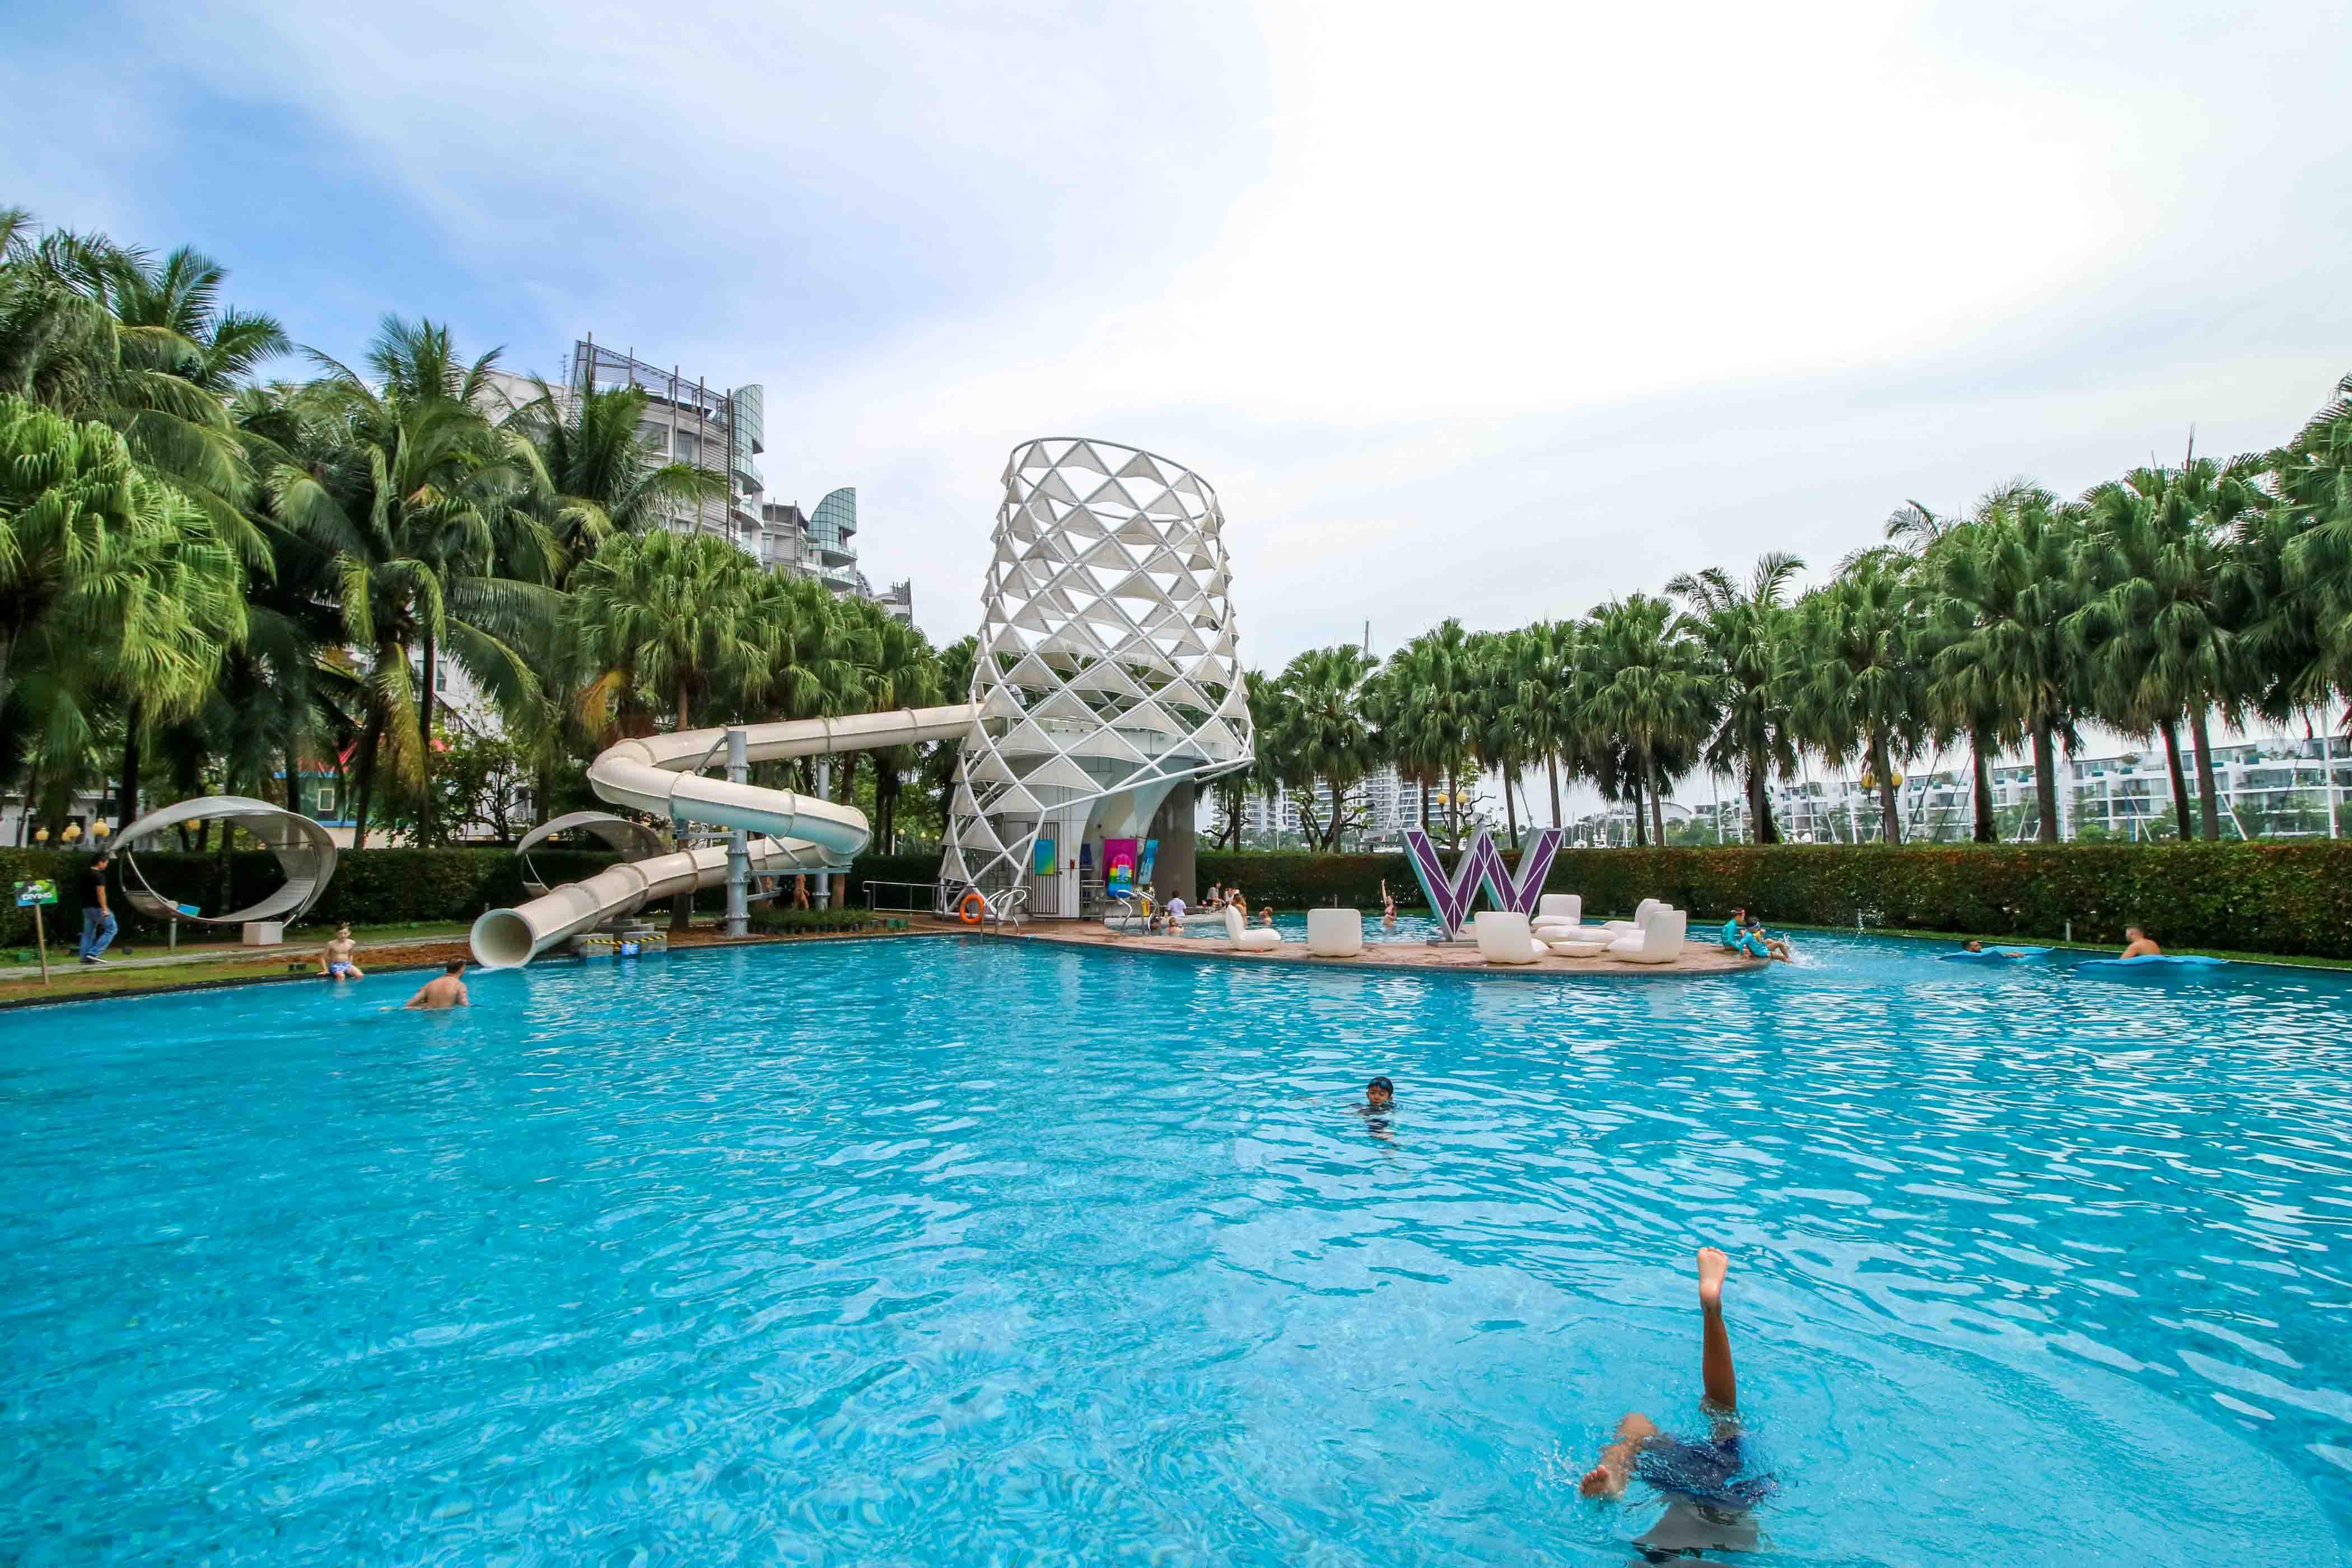 W-Singapore-Sentosa-staycation-darrenbloggie-1445